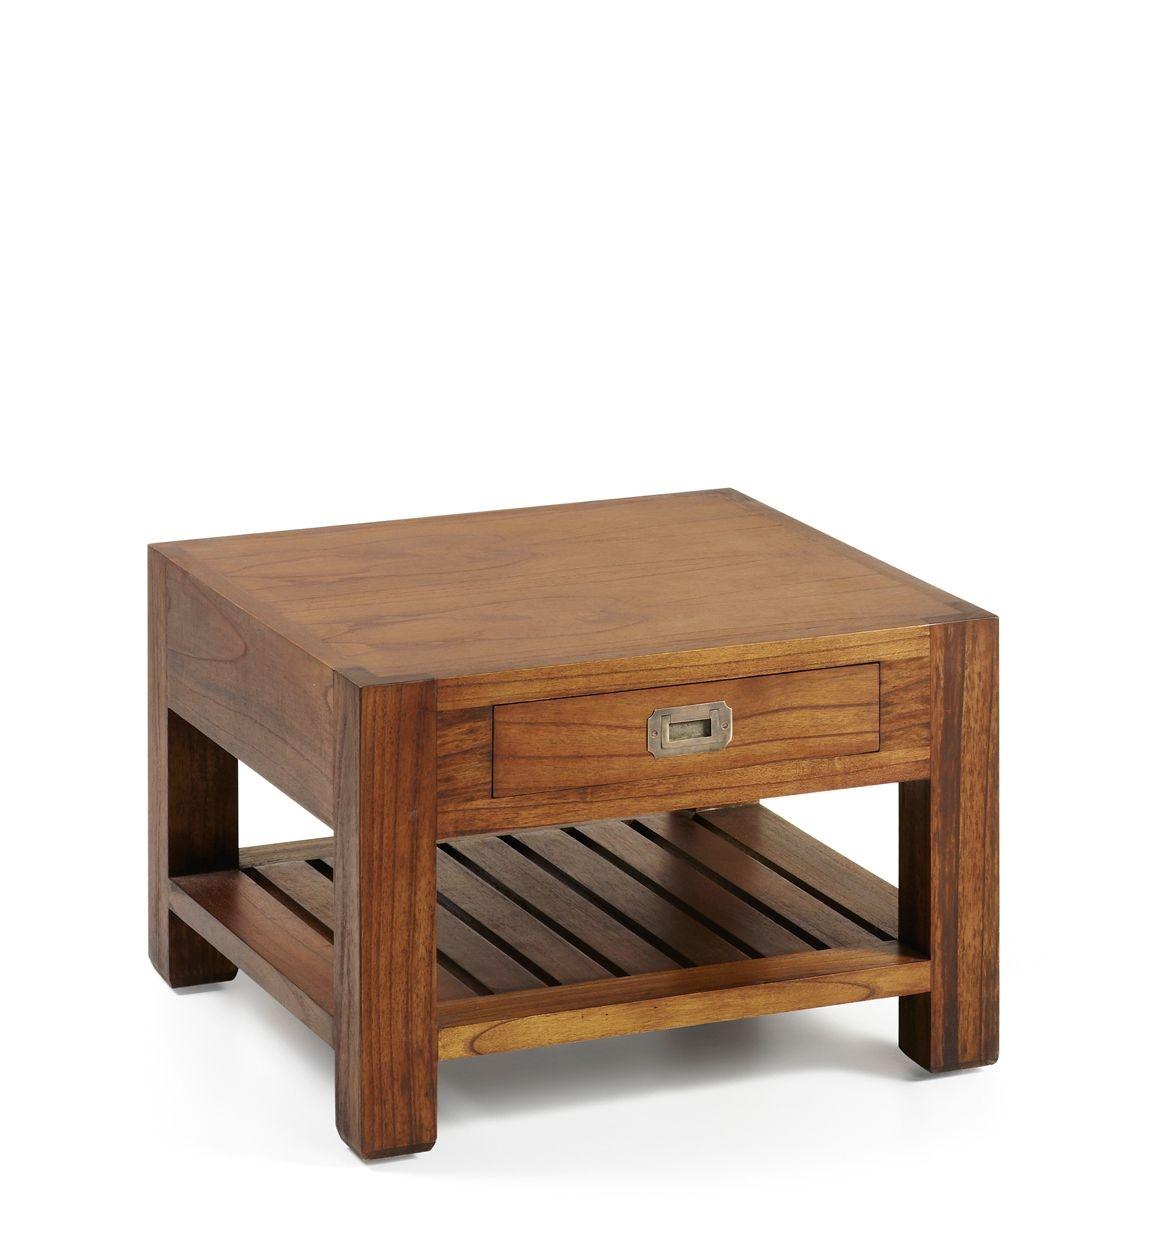 Masa de cafea din lemn, cu 1 sertar Centro Star Square Nuc, L60xl60xH40 cm imagine